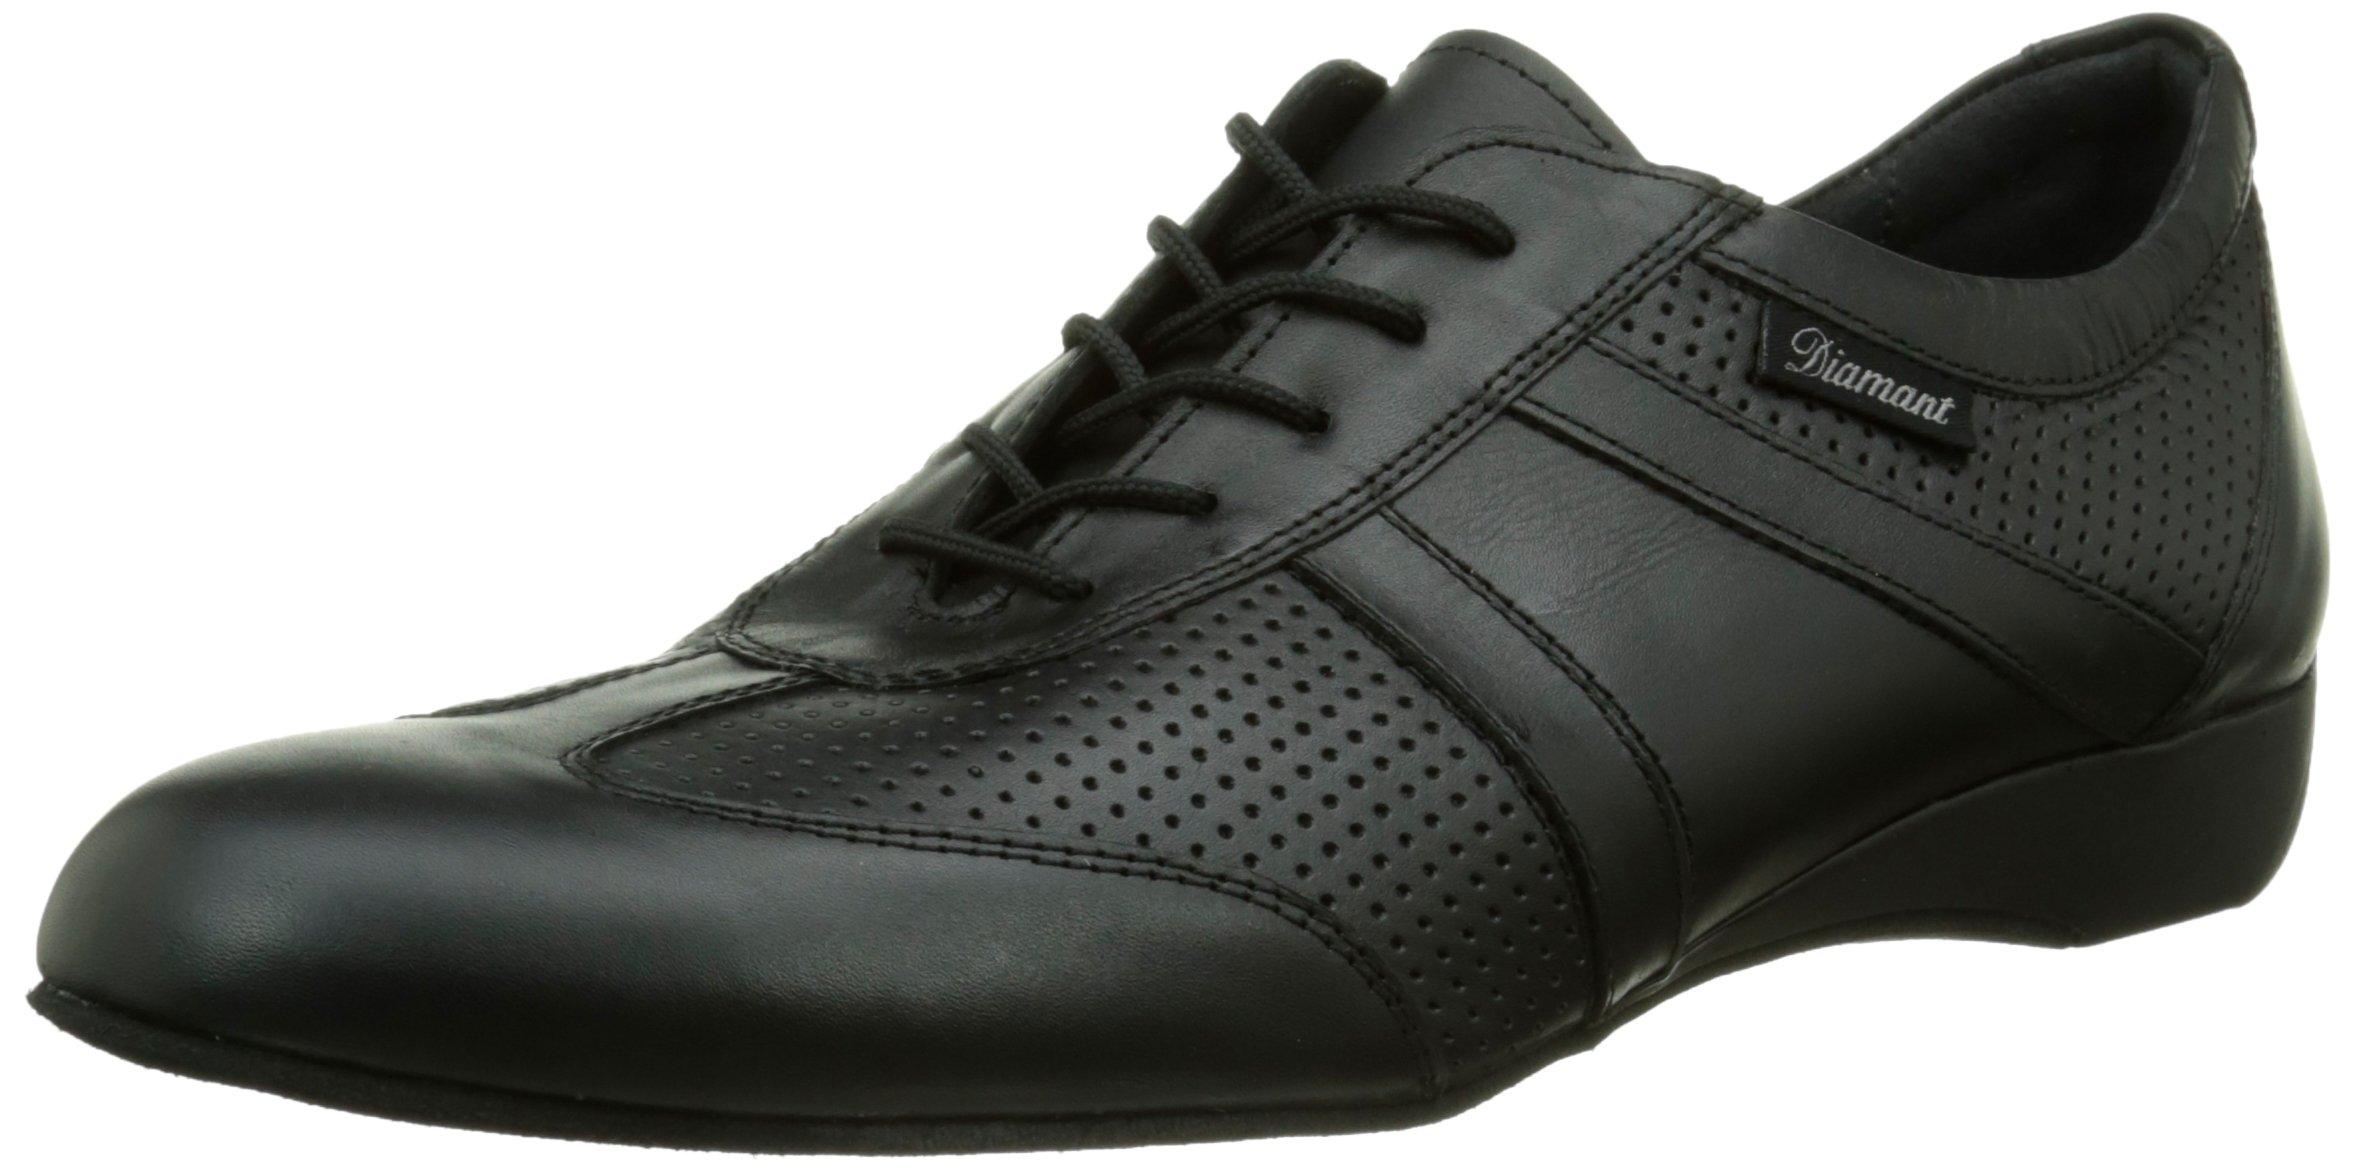 Diamant Men's Model 13 Dance Sneaker- 1'' (2.5 cm) Wedge Heel (Wide - H Width), 13.5 W US (13 UK)